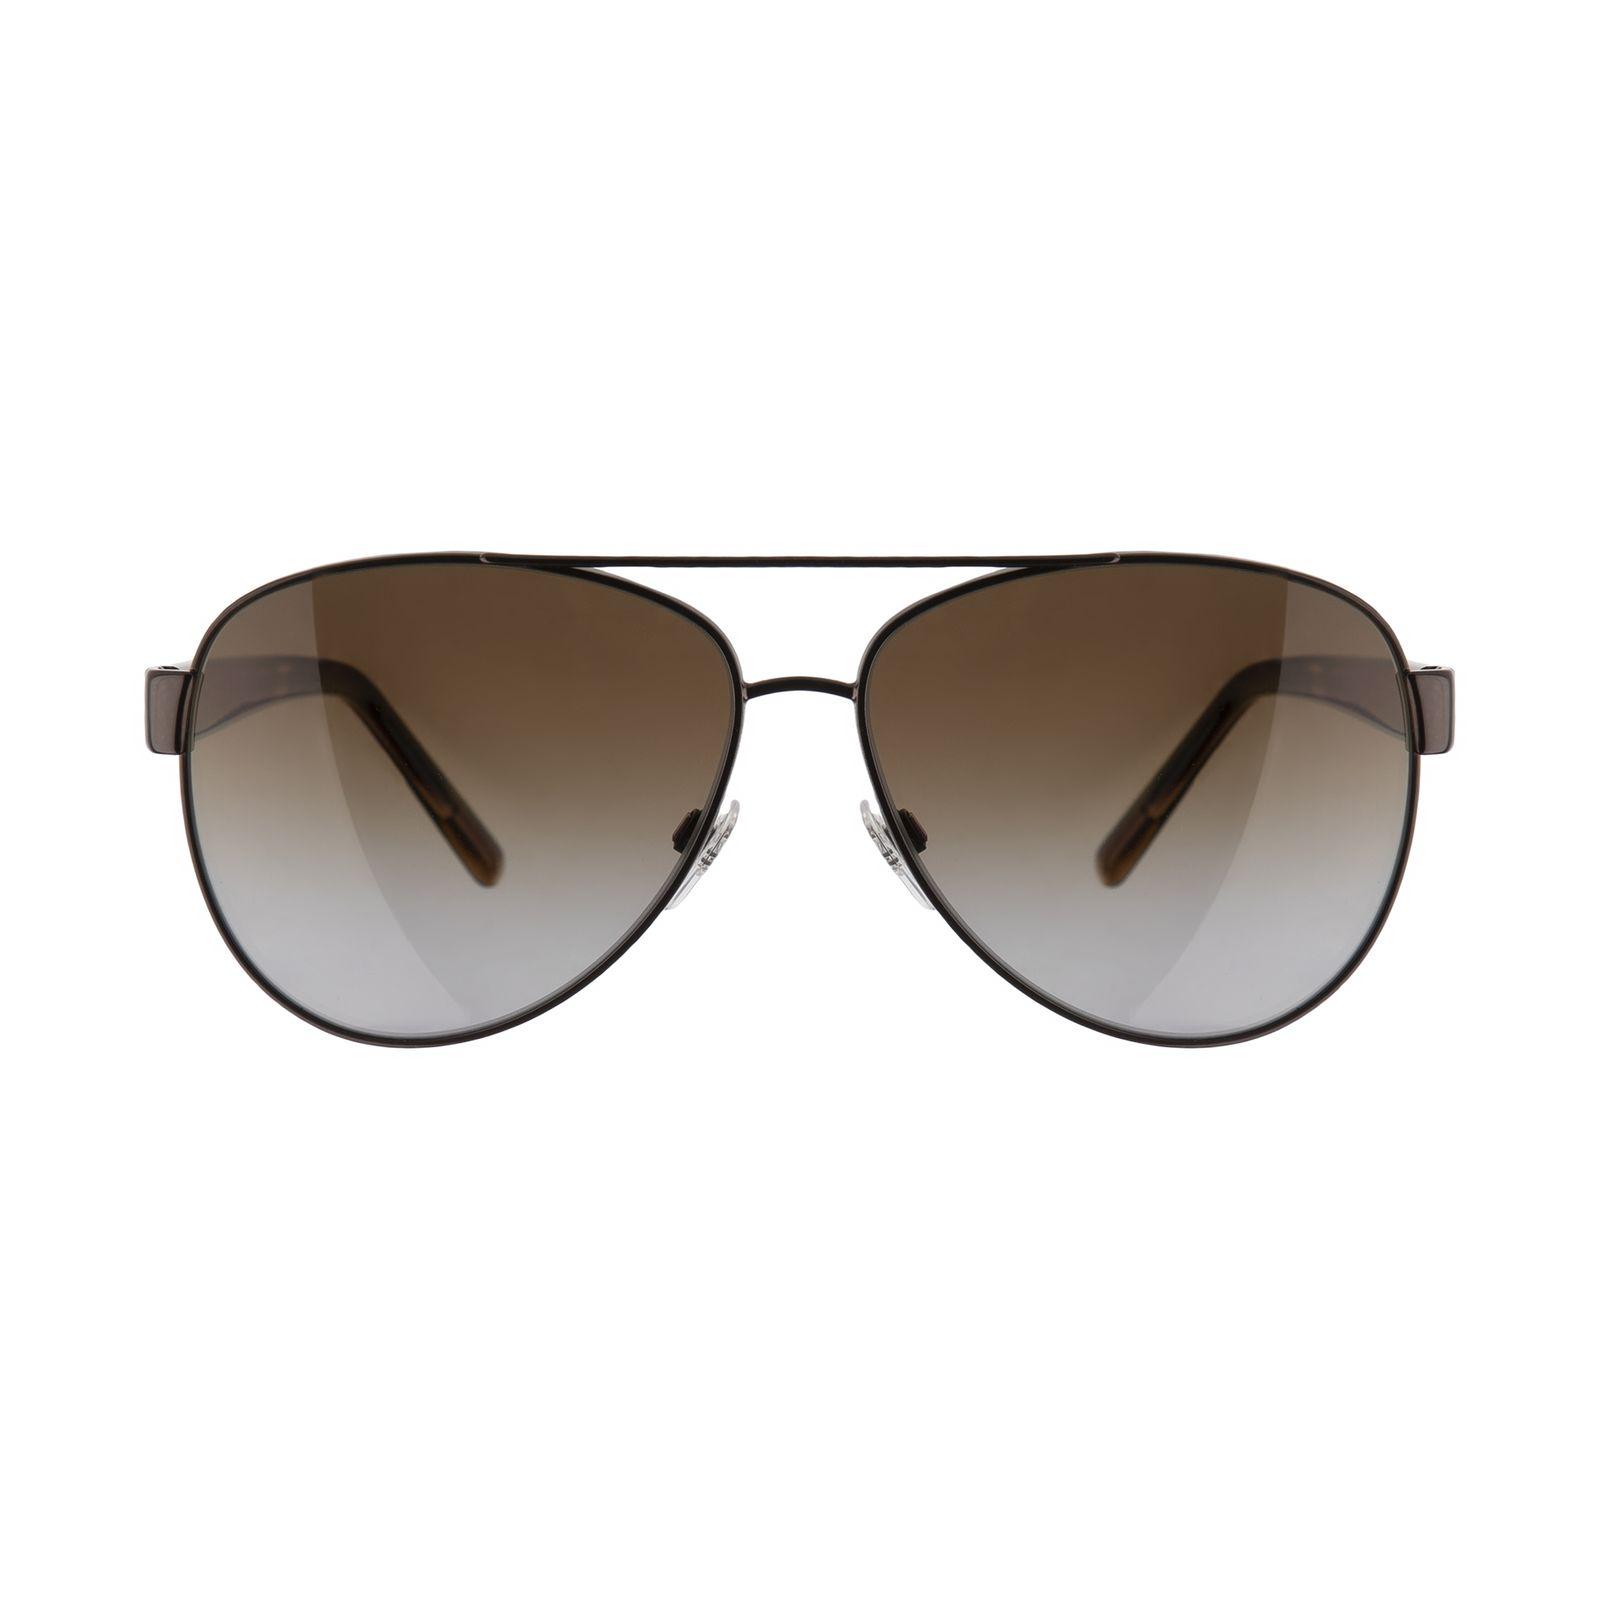 عینک آفتابی زنانه بربری مدل BE 3084S 1226T5 60   -  - 2